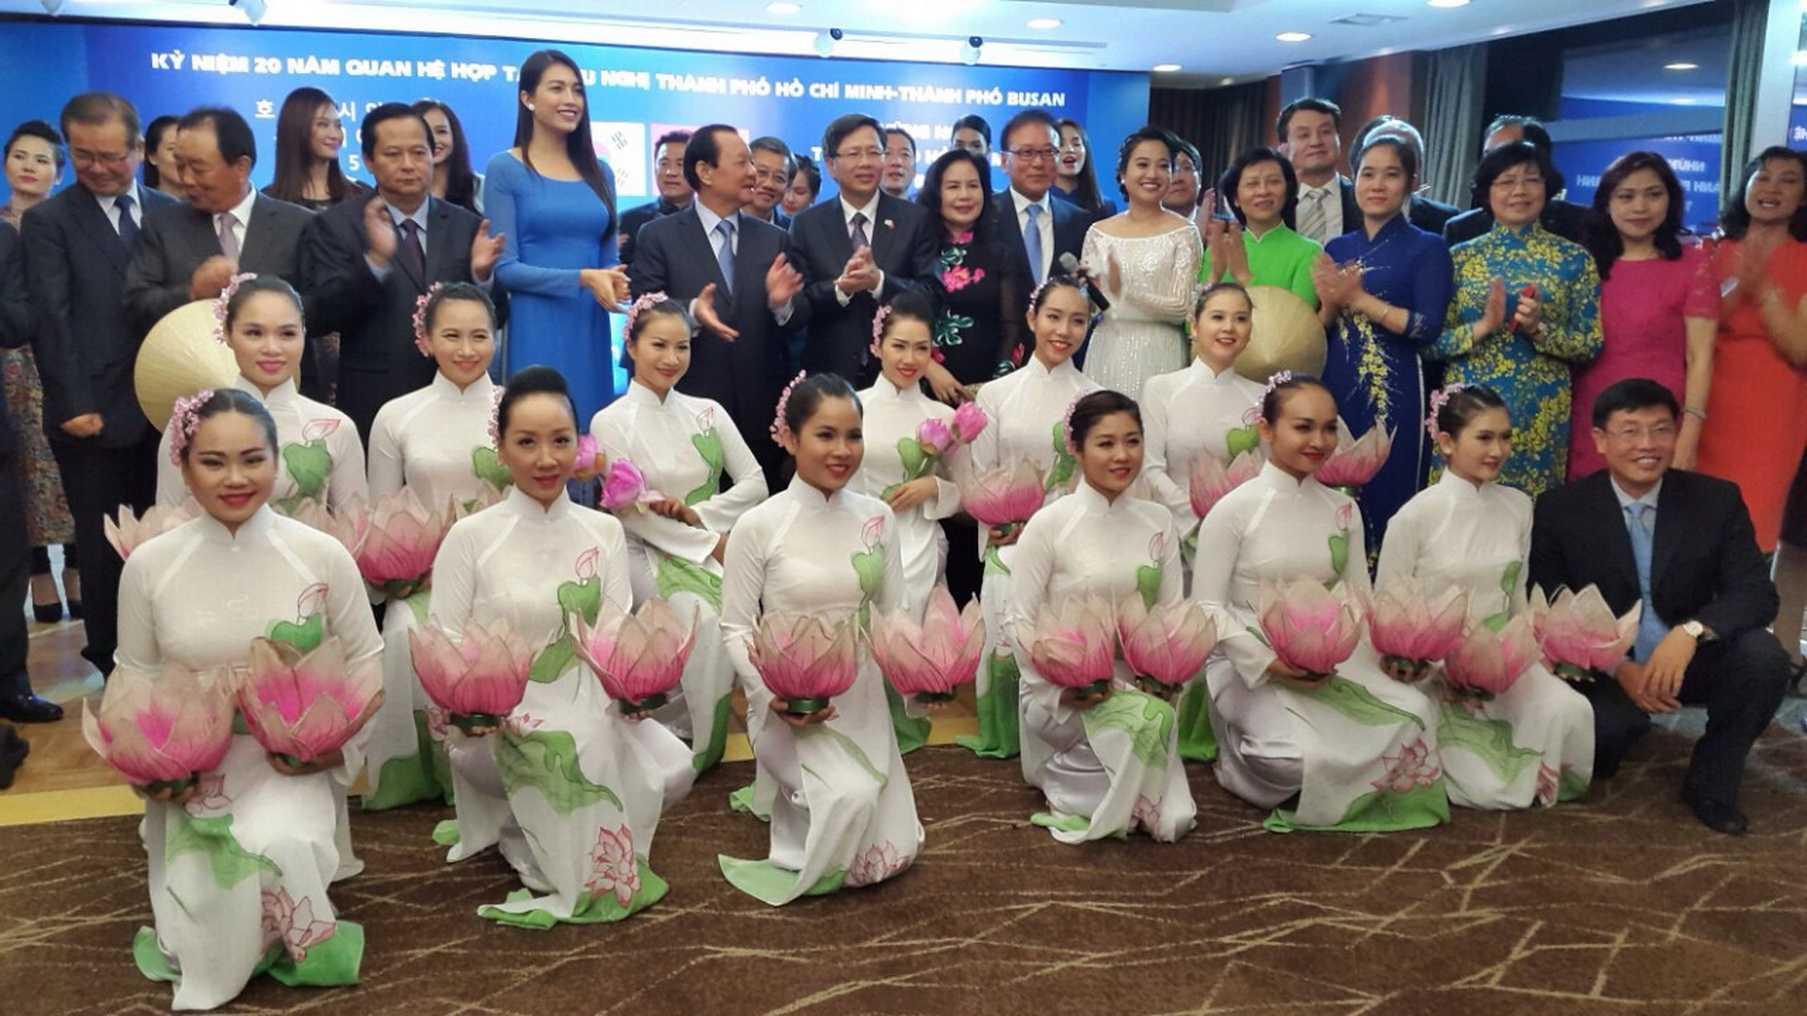 Hồng Phượng cùng các cấp lãnh đạo, kiều bào và nghệ sĩ tại Hàn Quốc